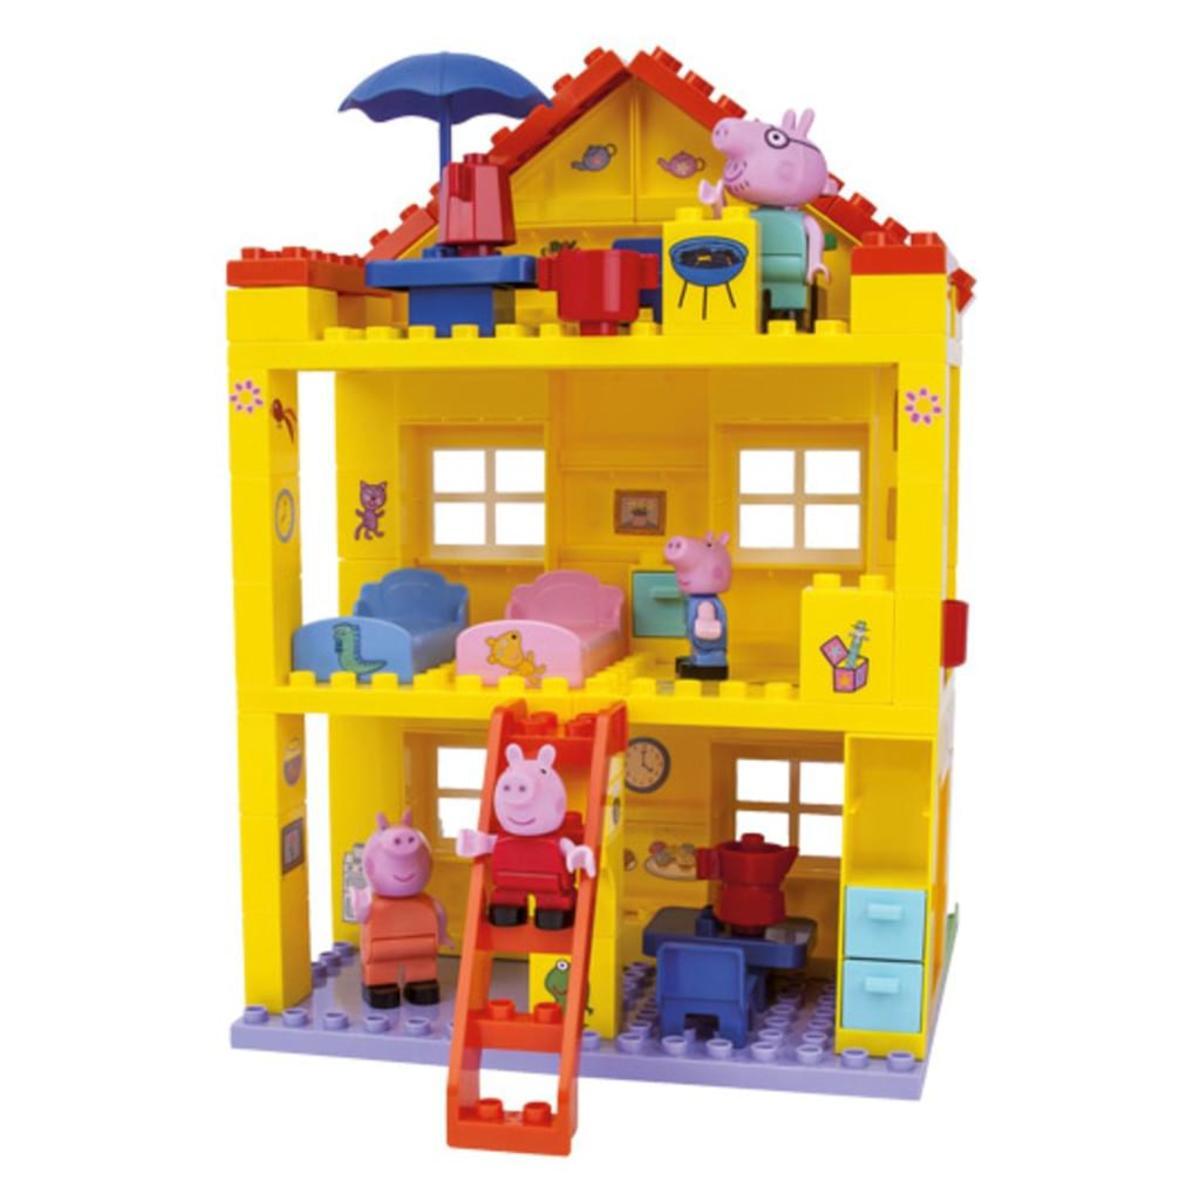 Bild 2 von BIG PlayBIG Bloxx Peppa Pig - Peppa´s Haus